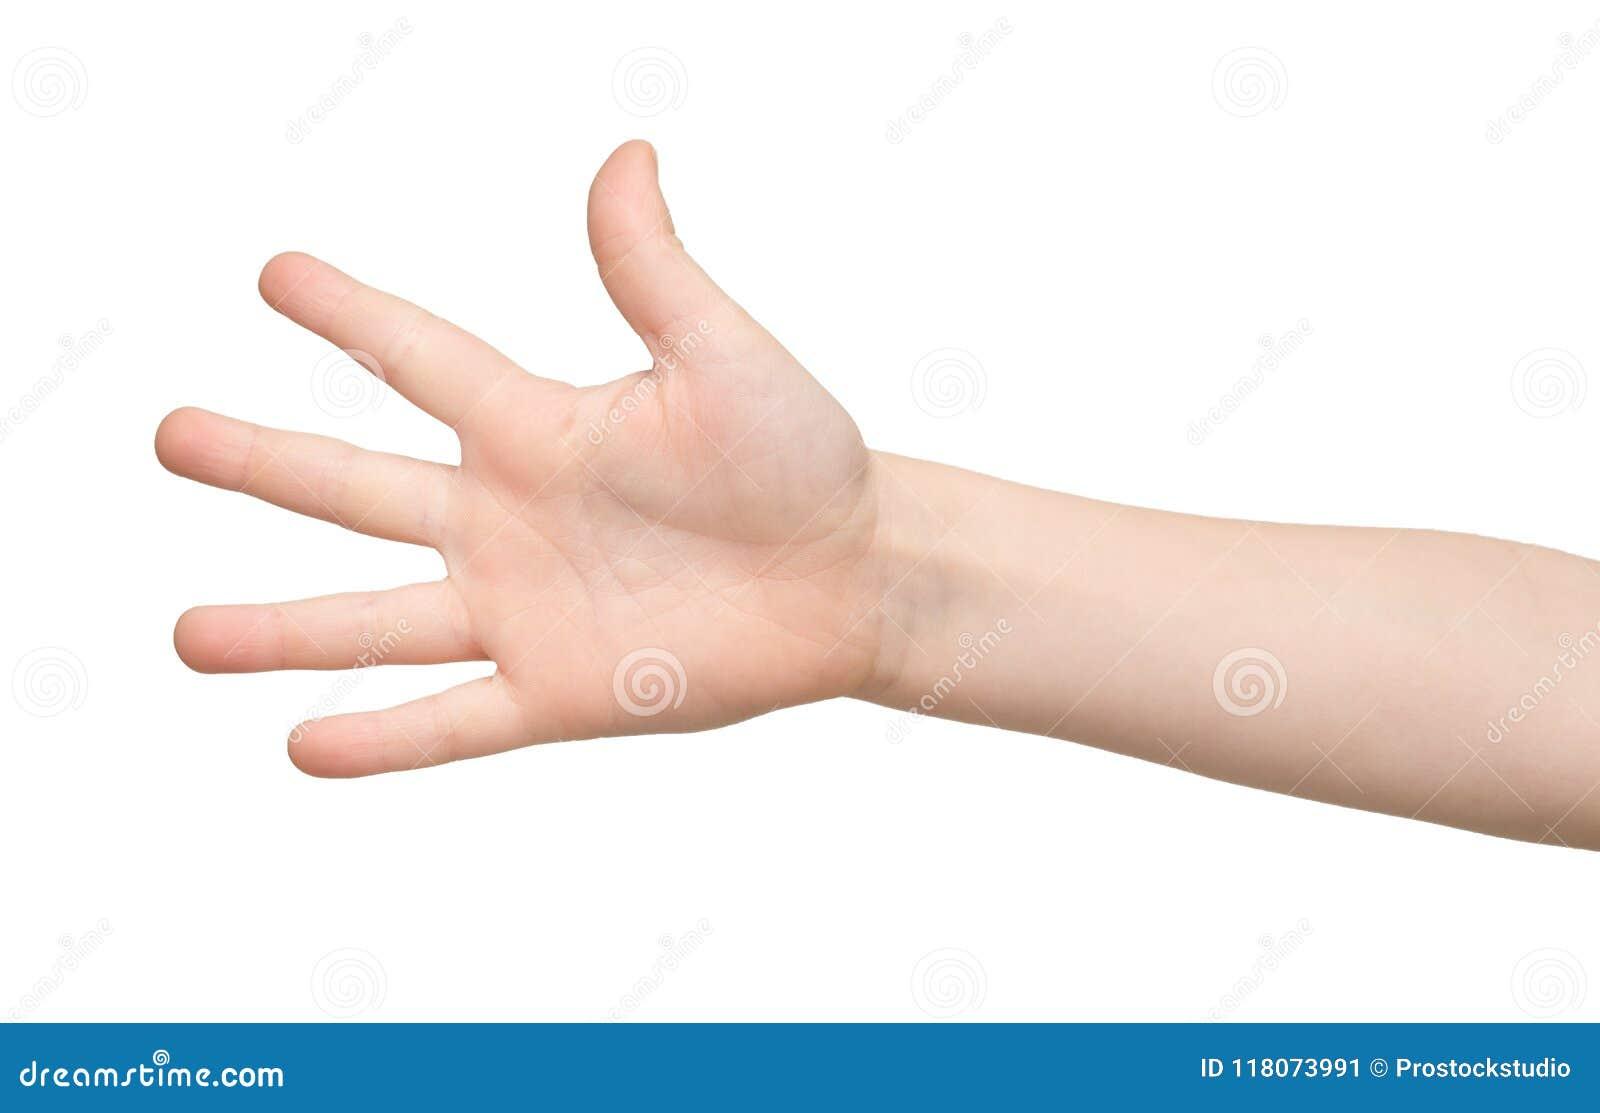 La main d enfant montre le numéro cinq sur le fond blanc